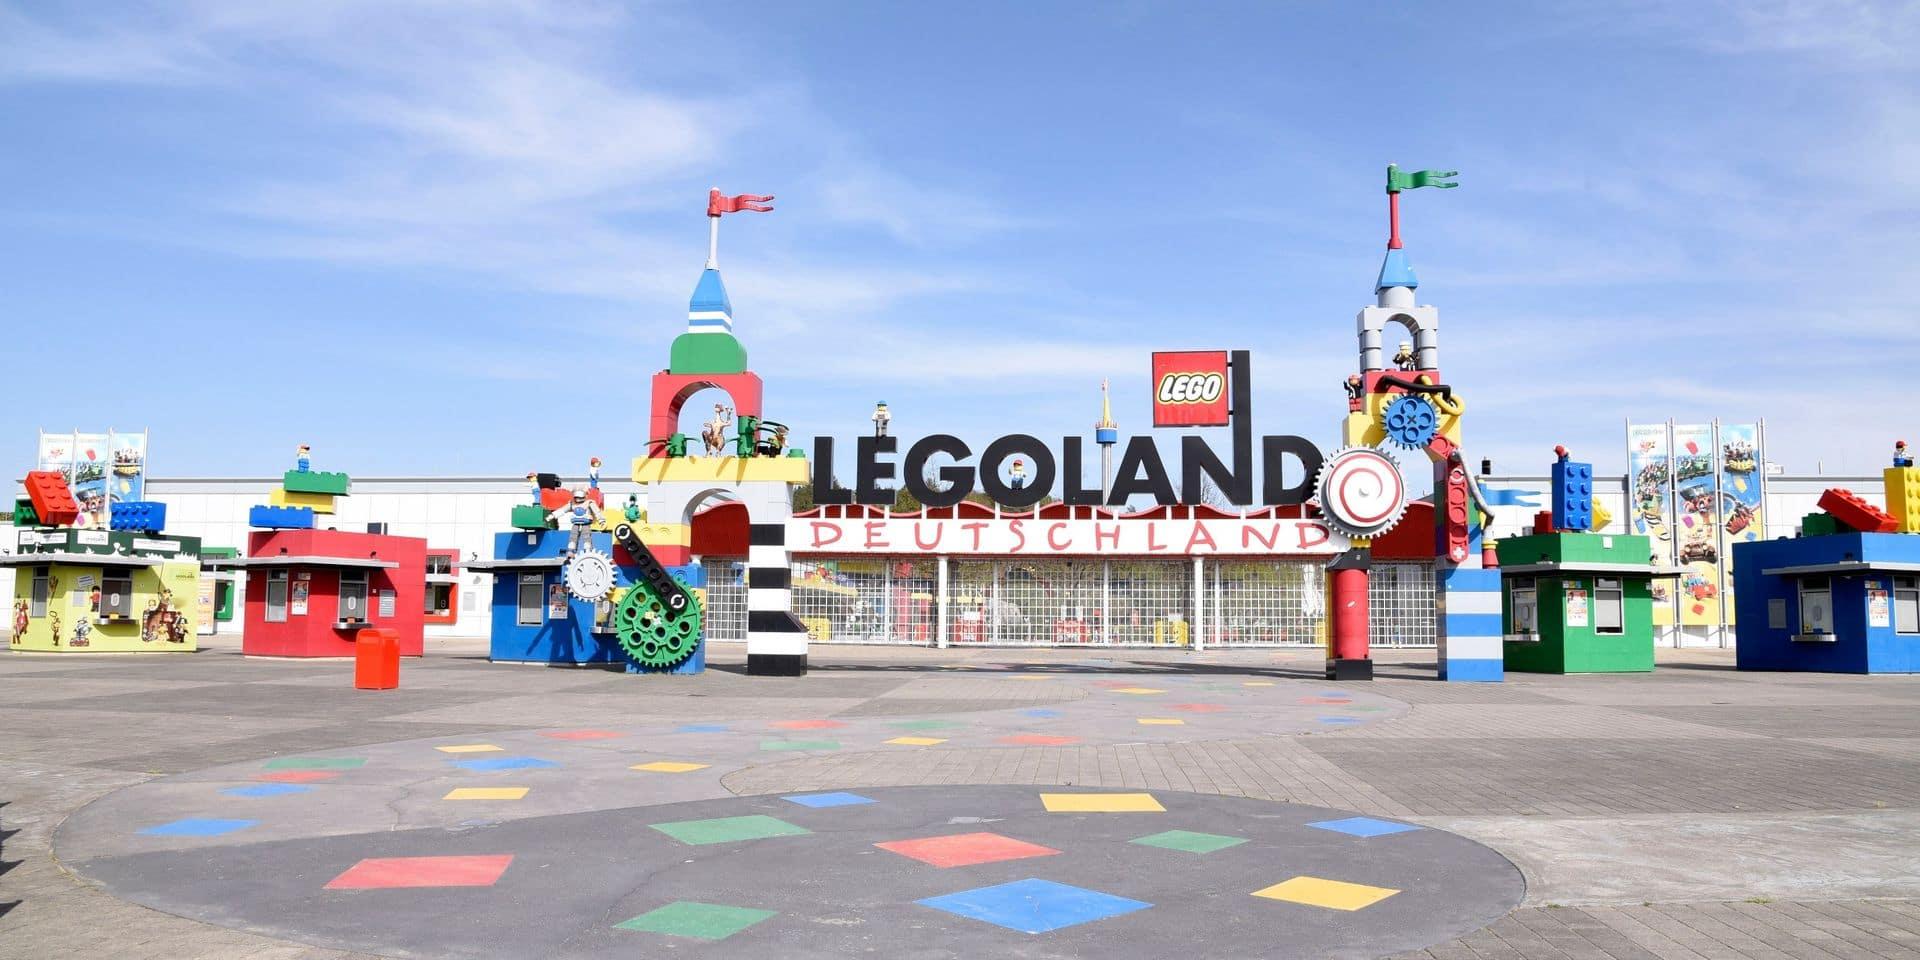 Un centre d'attractions LegoLand va voir le jour à Bruxelles en 2022